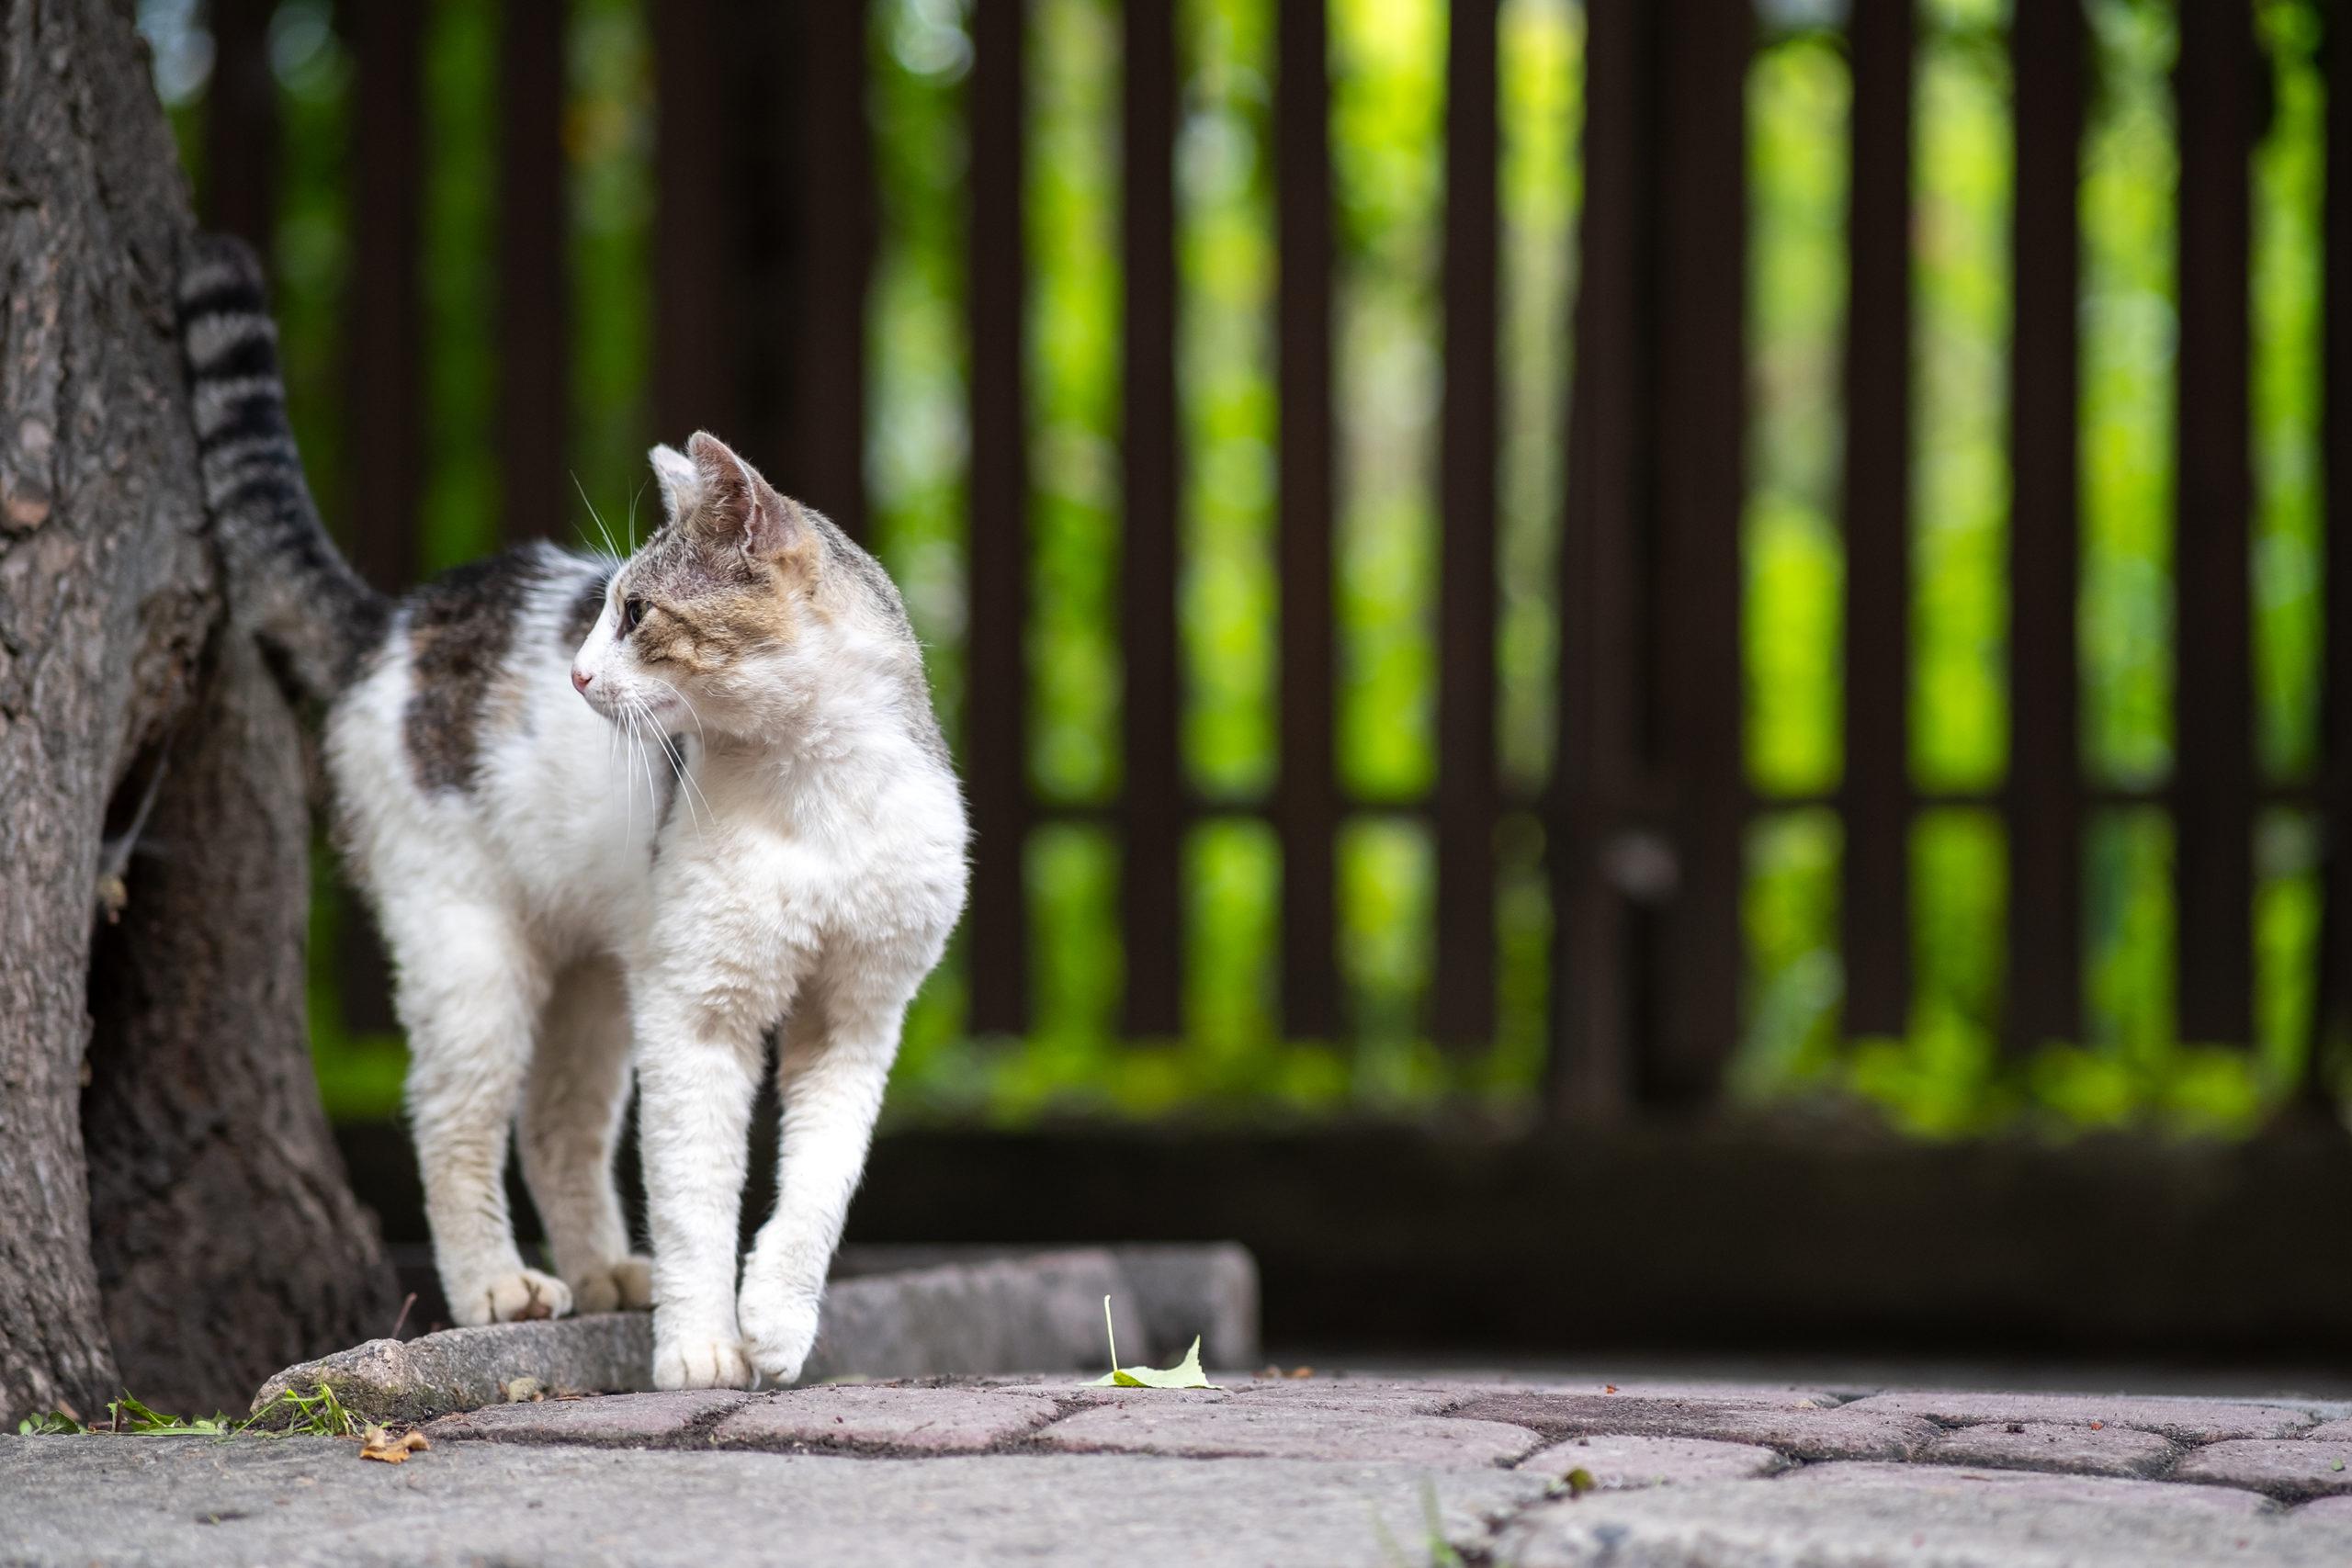 しっぽの動きで分かる猫の気持ち